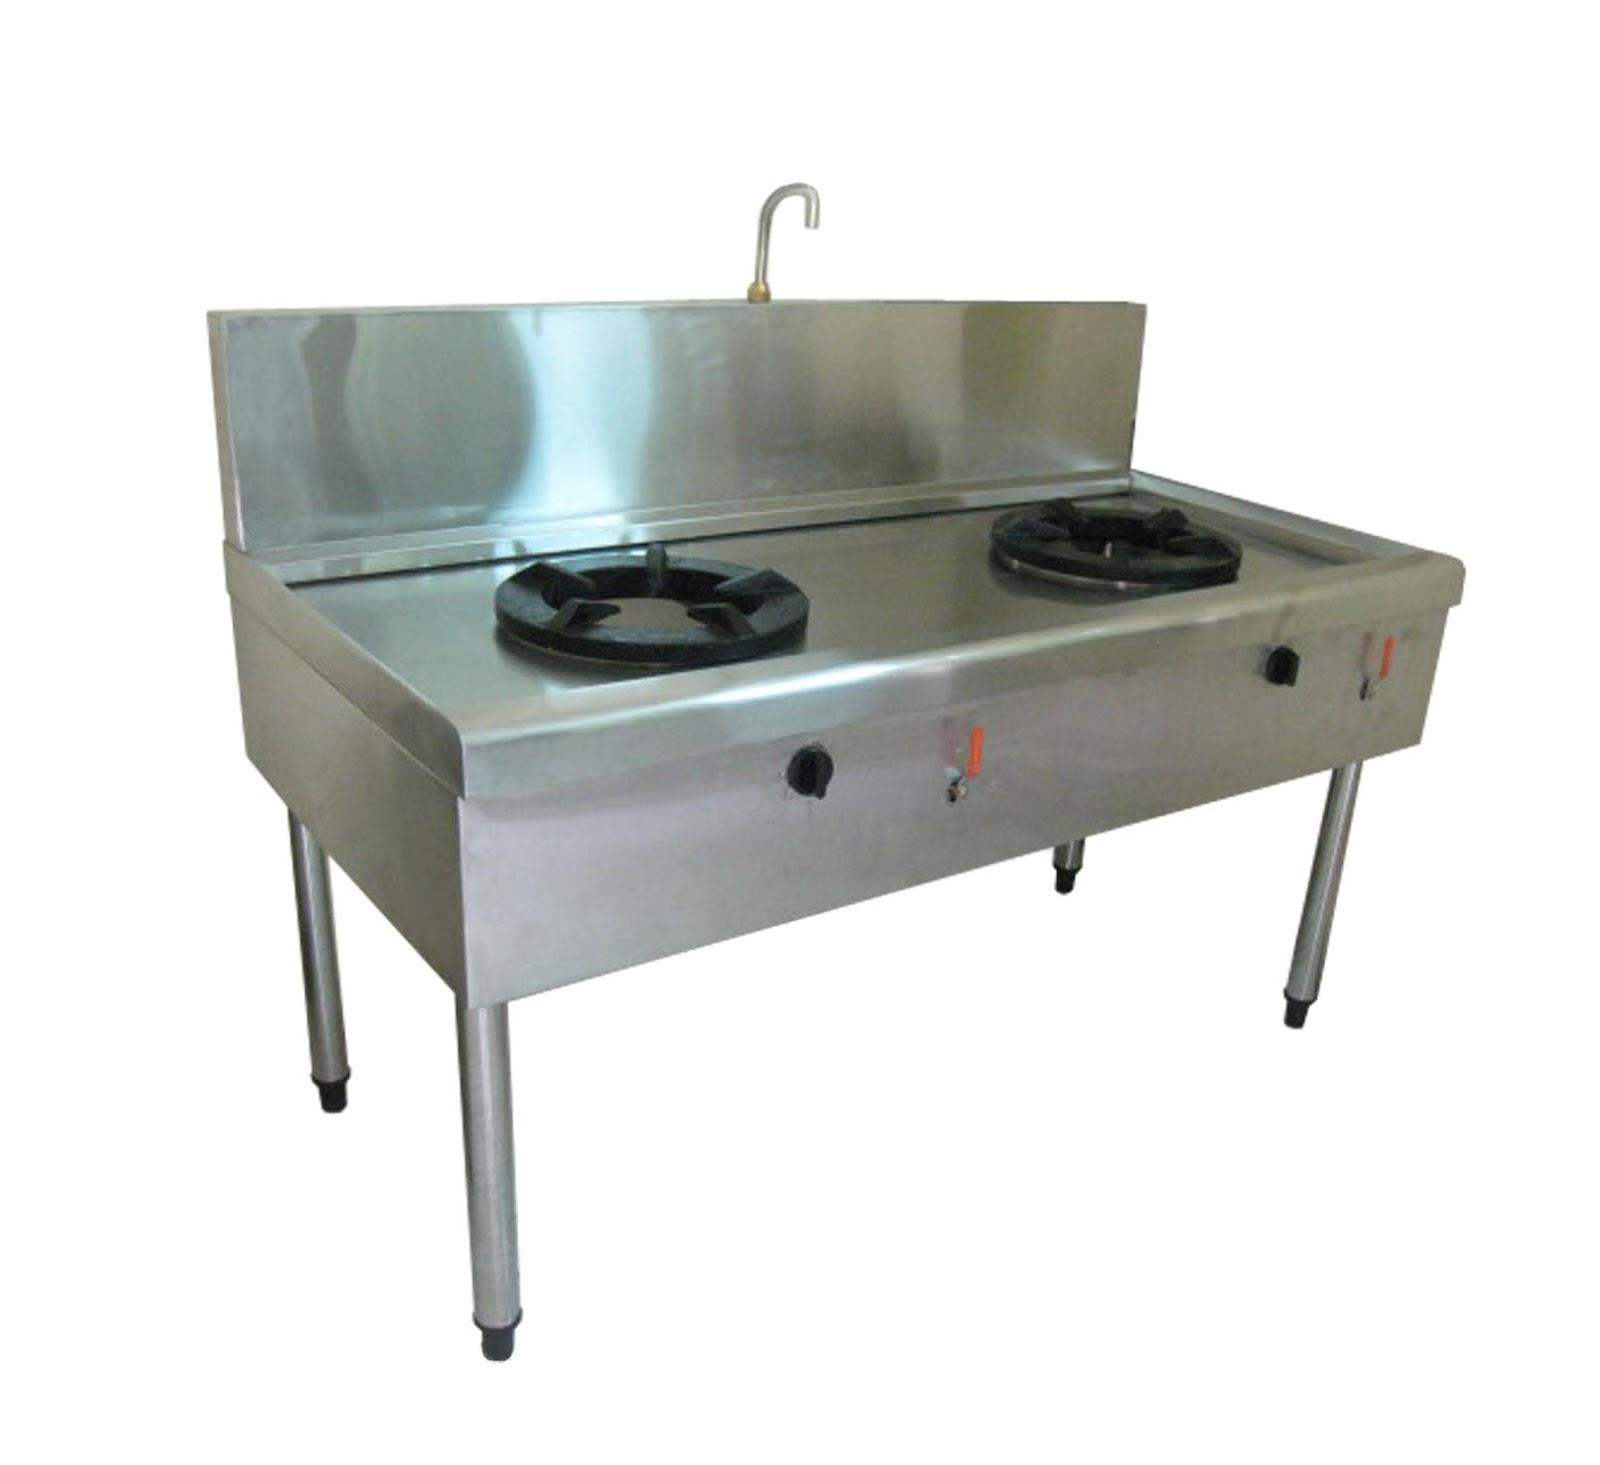 Mua bếp ga công nghiệp ở đâu uy tín và chất lượng nhất?